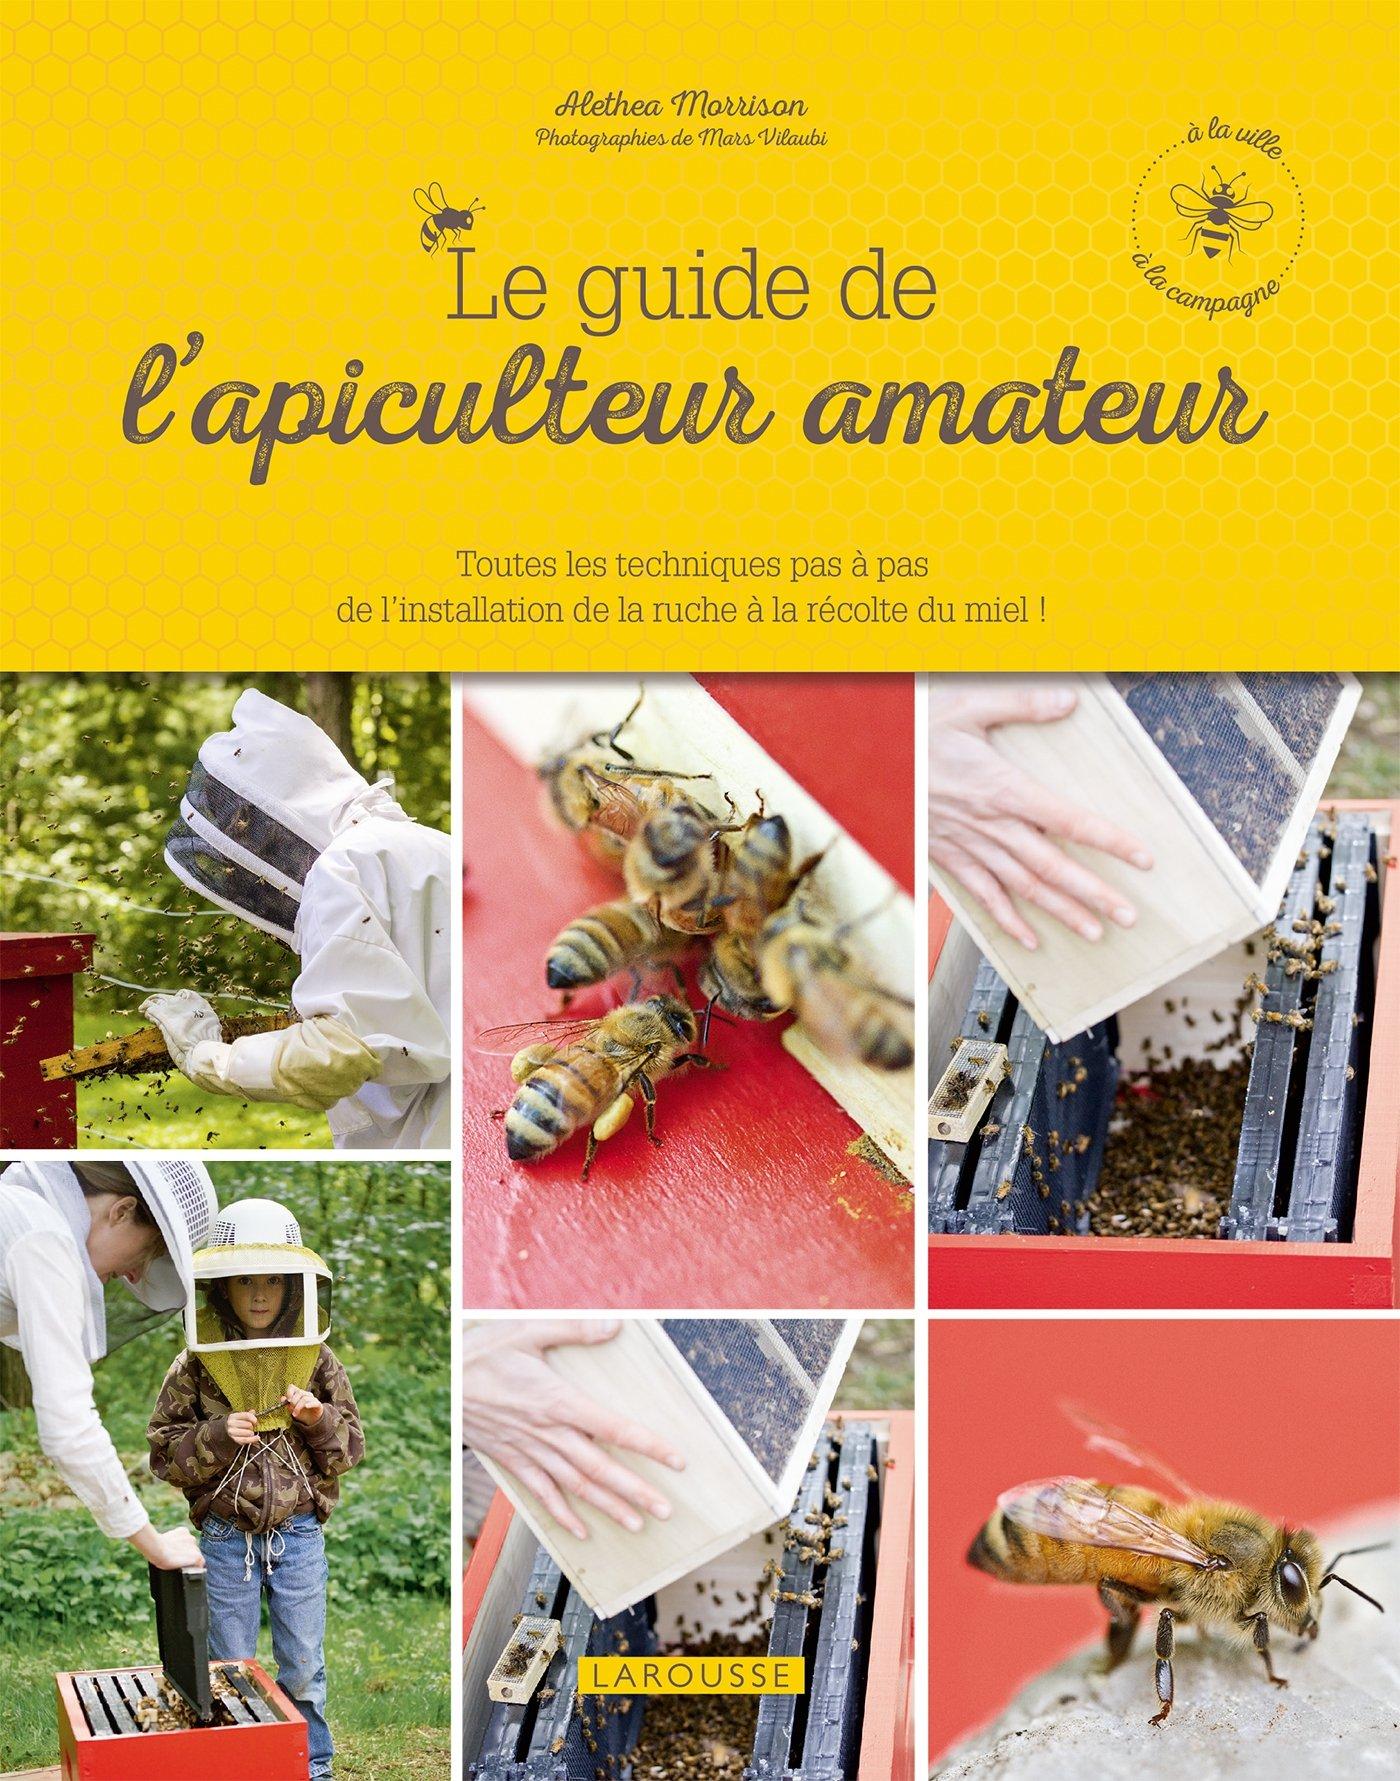 Le guide de l'apiculteur amateur Broché – 1 avril 2015 Alethea Morrison Larousse 2035898897 Animaux